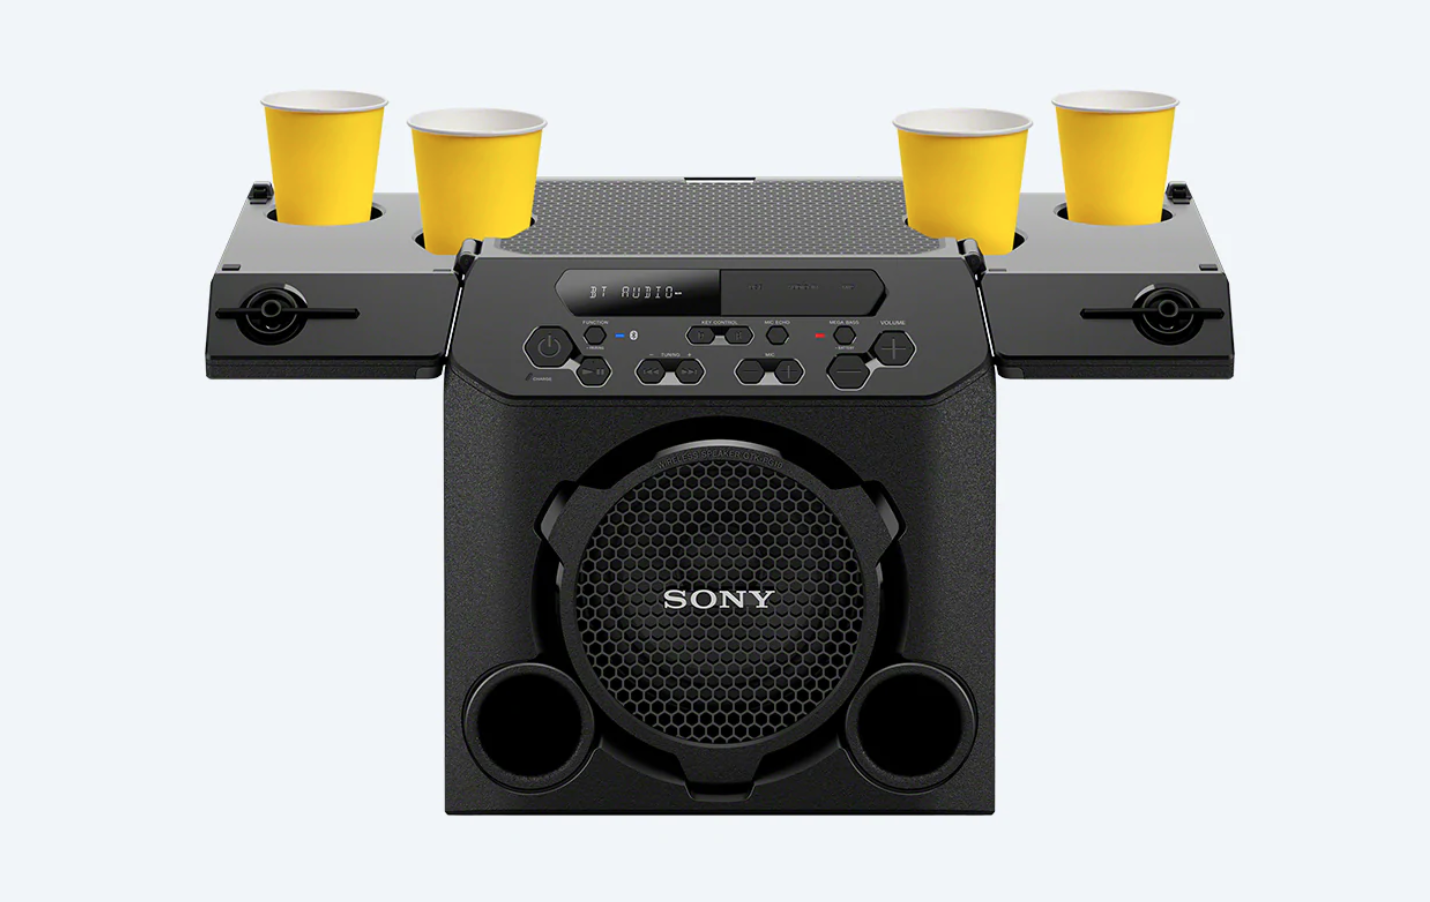 home audio video sony gtk-pg10 speaker cup holders